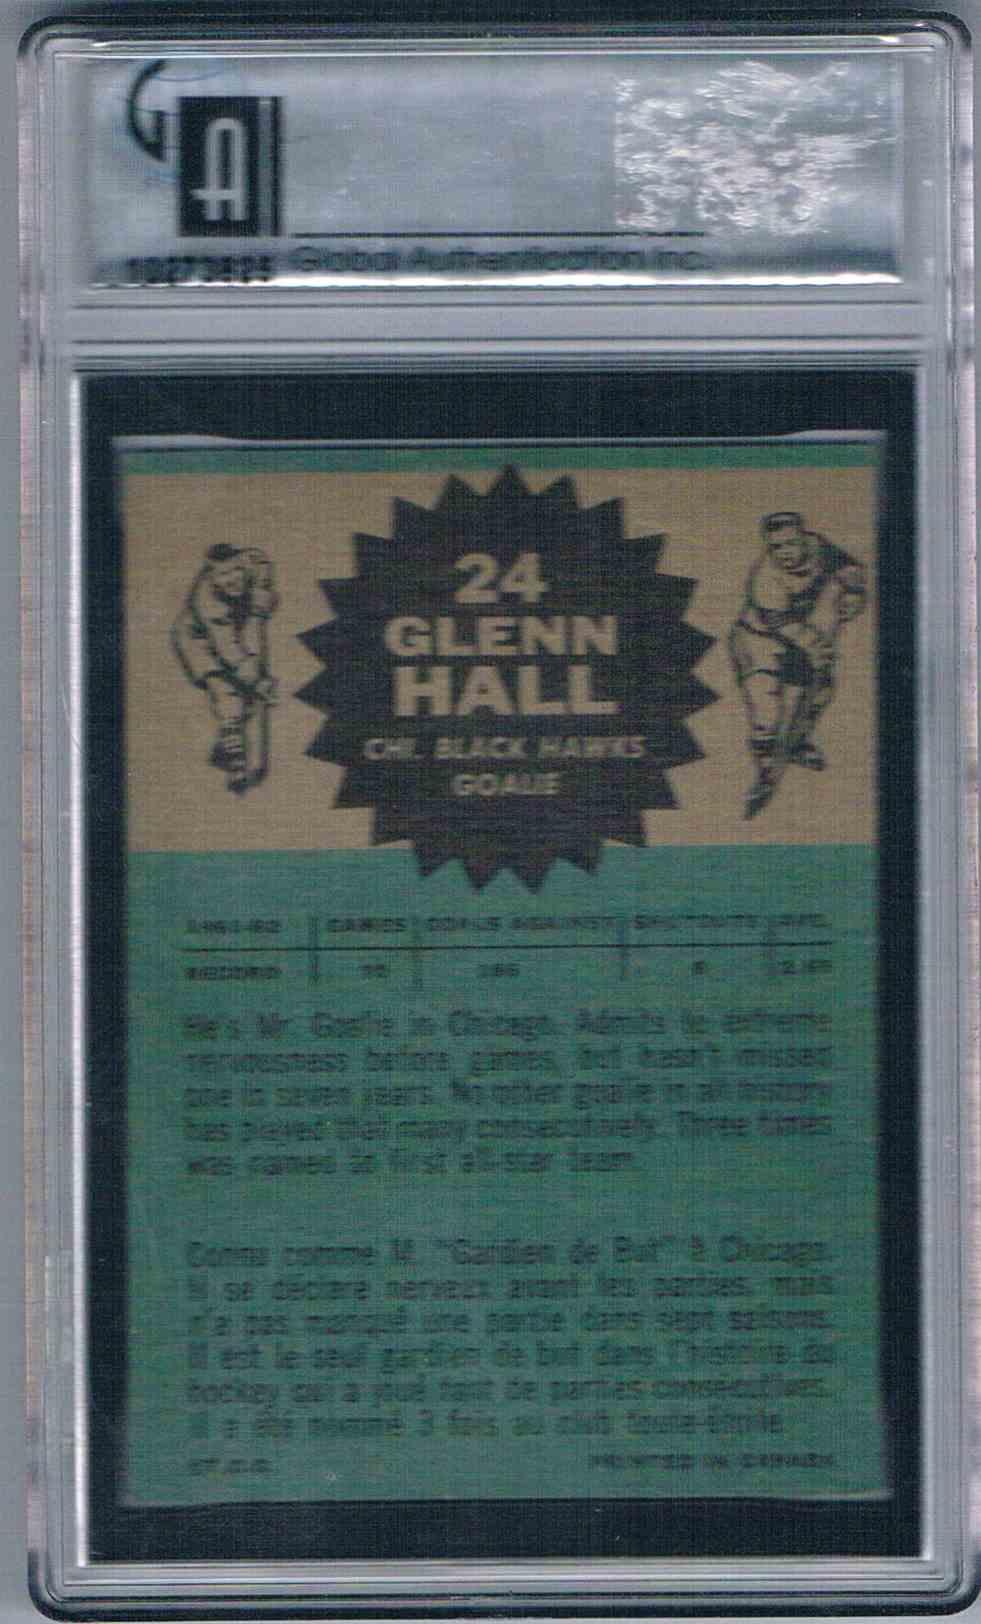 1962-63 Topps Glenn Hall #24 card back image